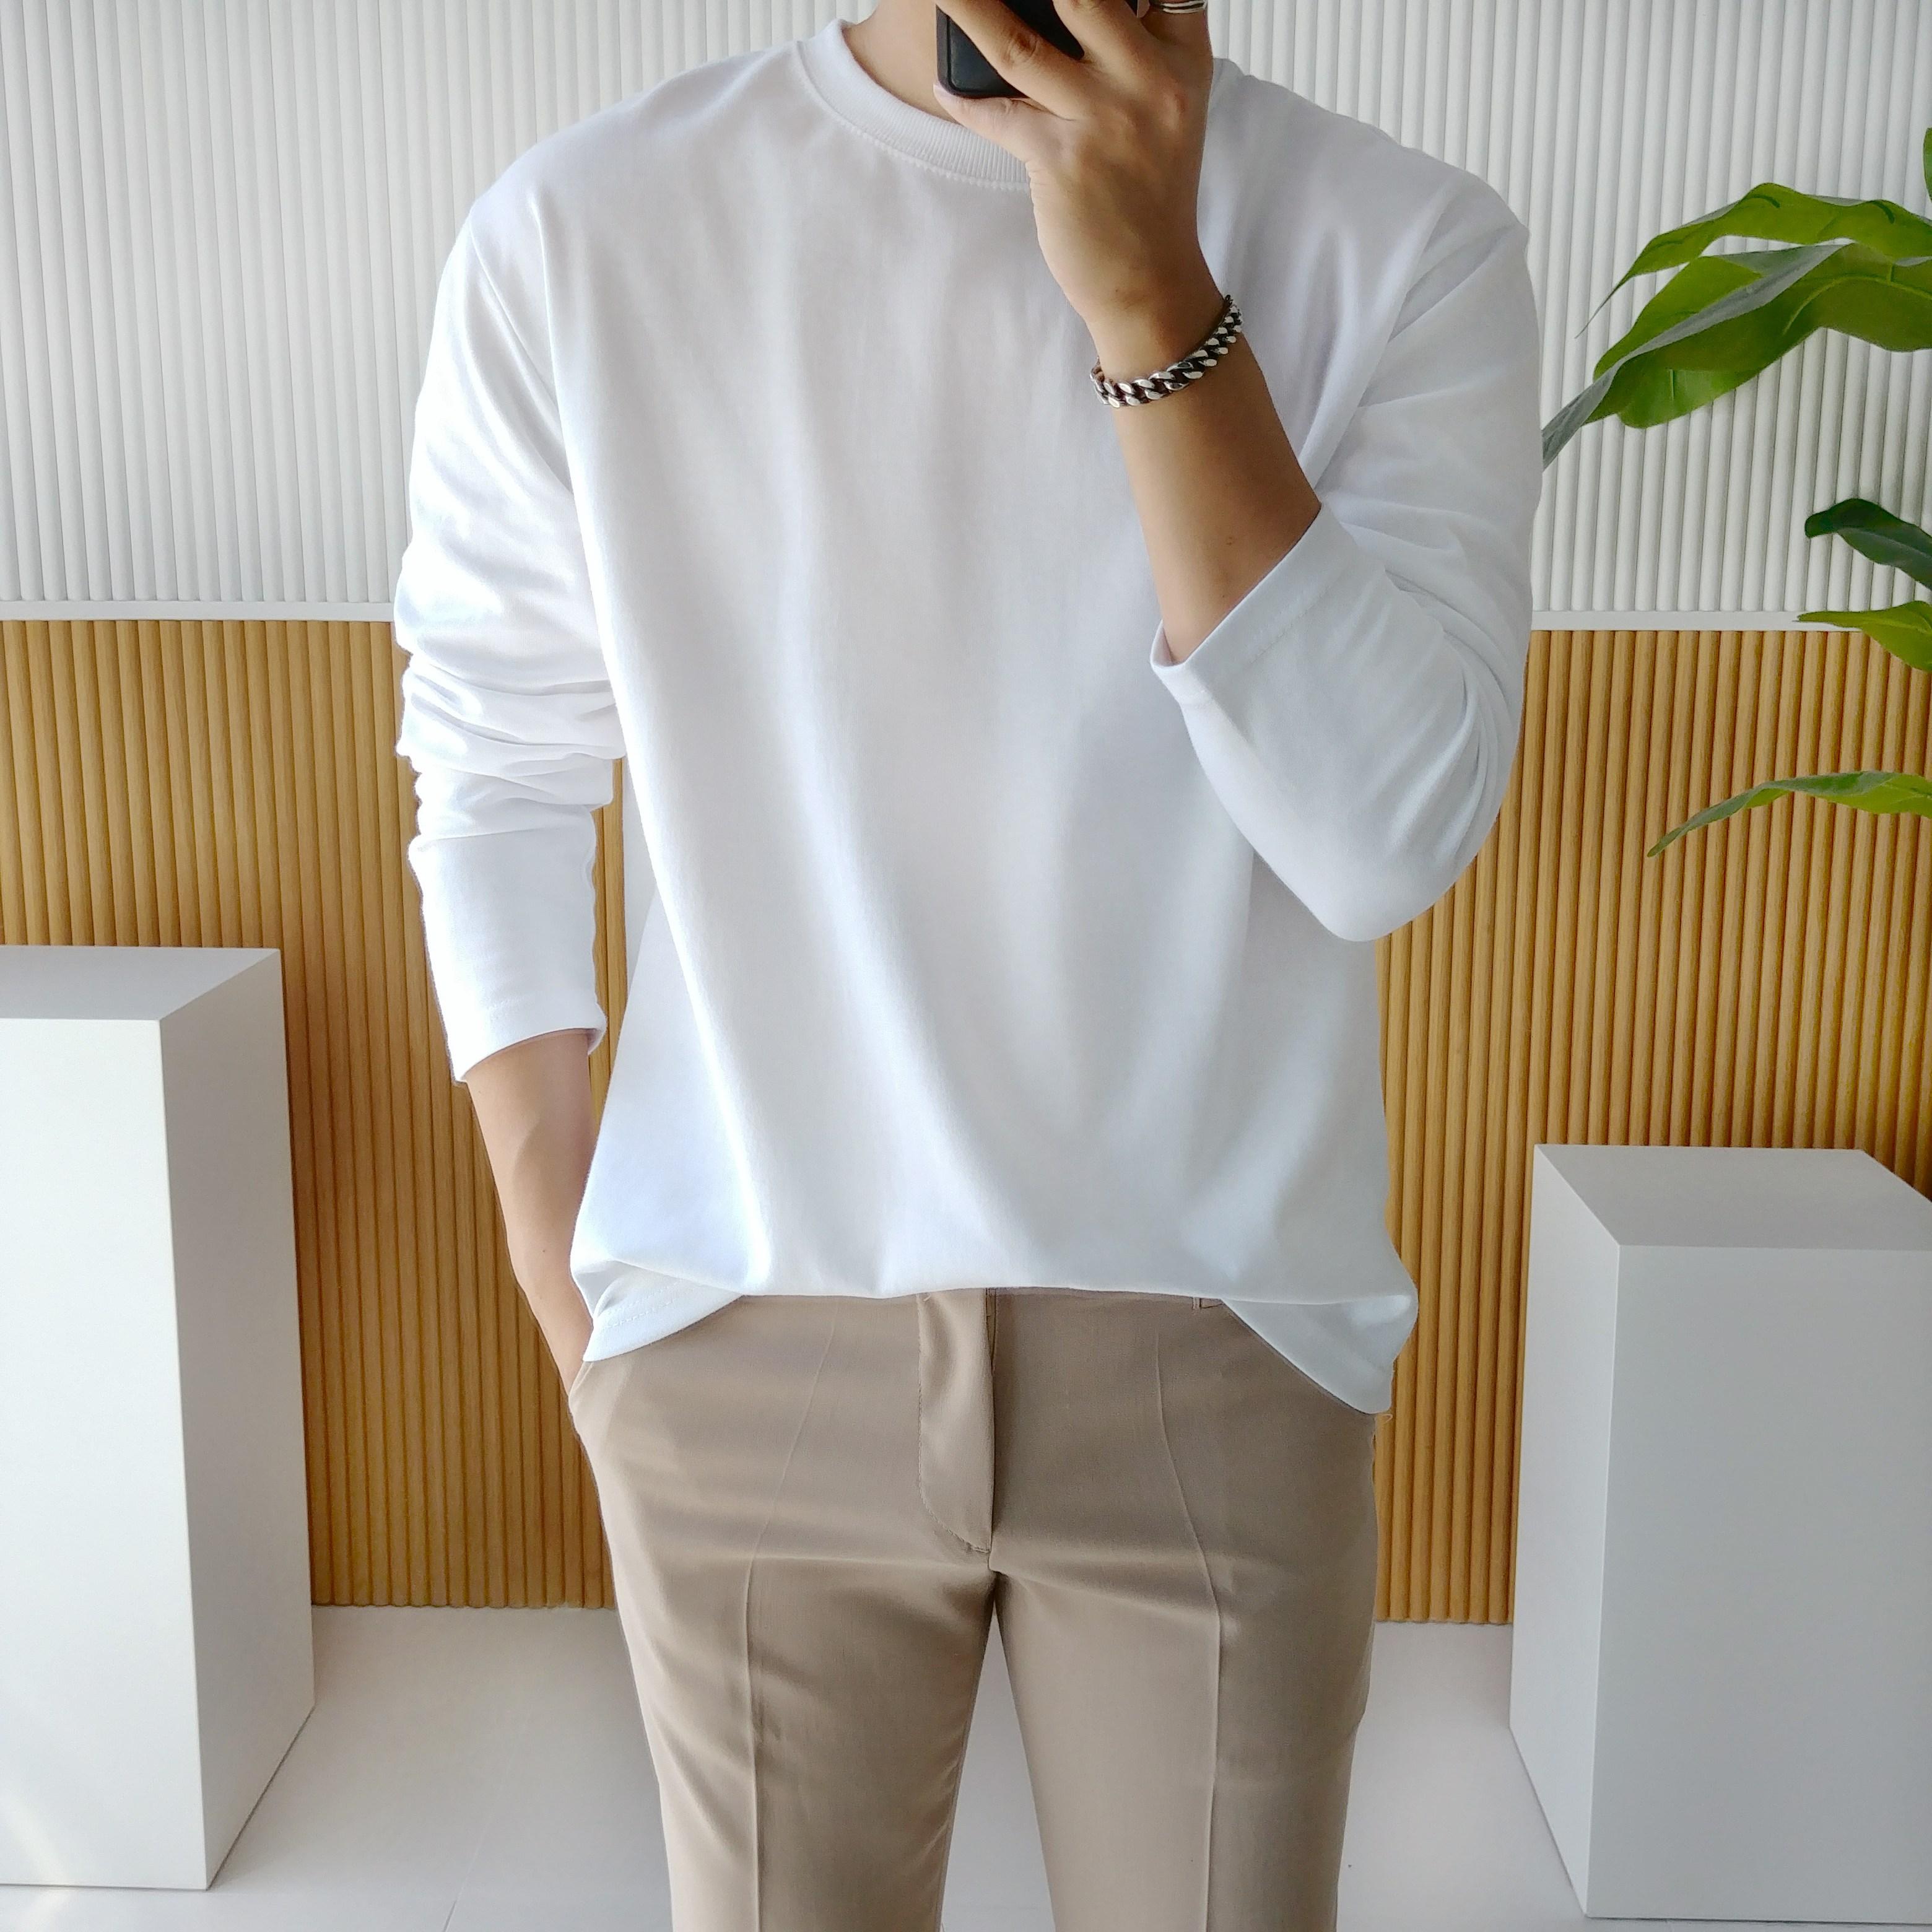 남자 오버핏 특양면 스판 라운드 무지 긴팔 티셔츠